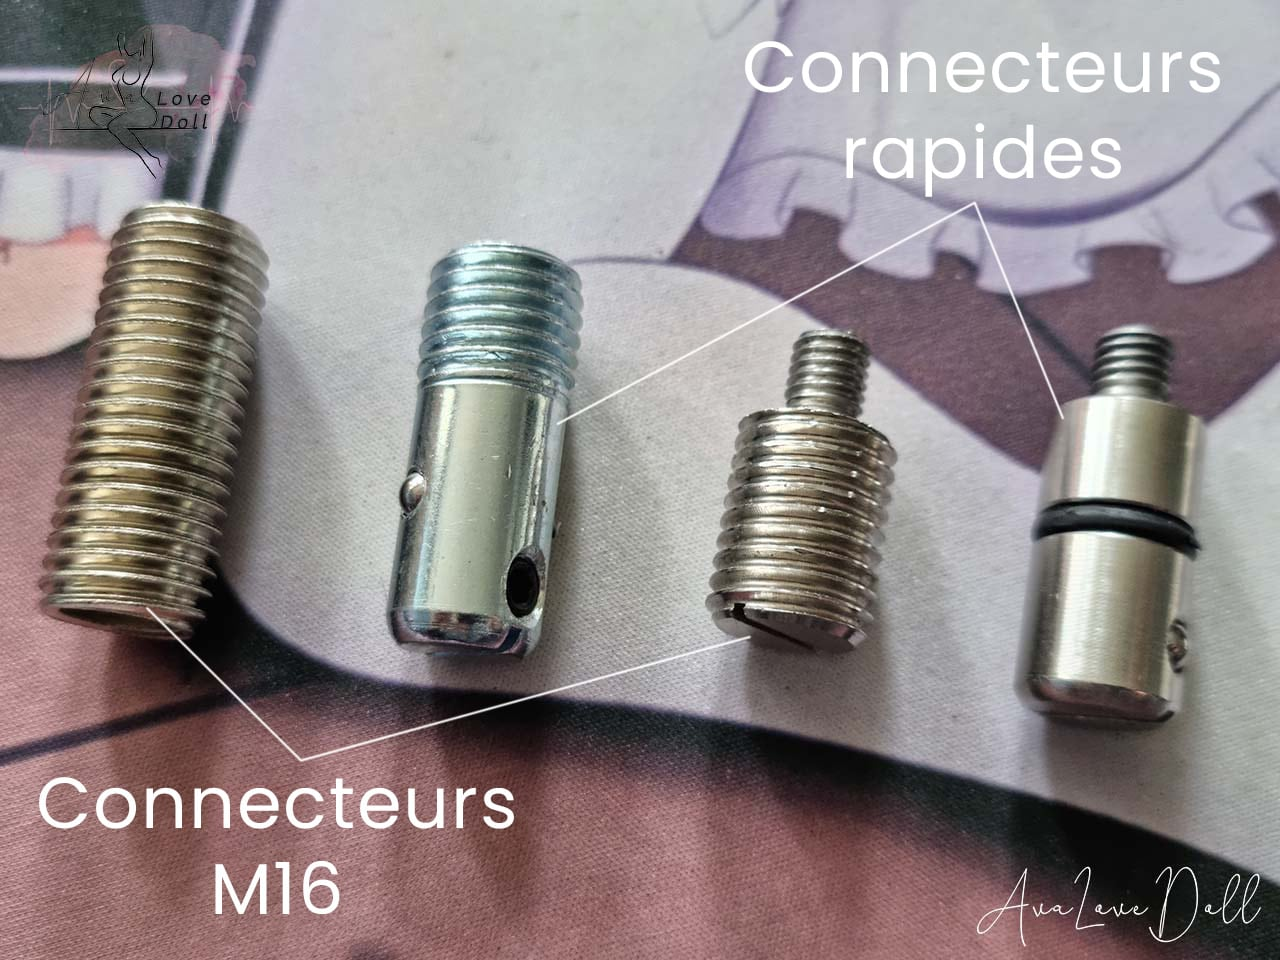 Poupée-adulte-connecteur-rapide-M16